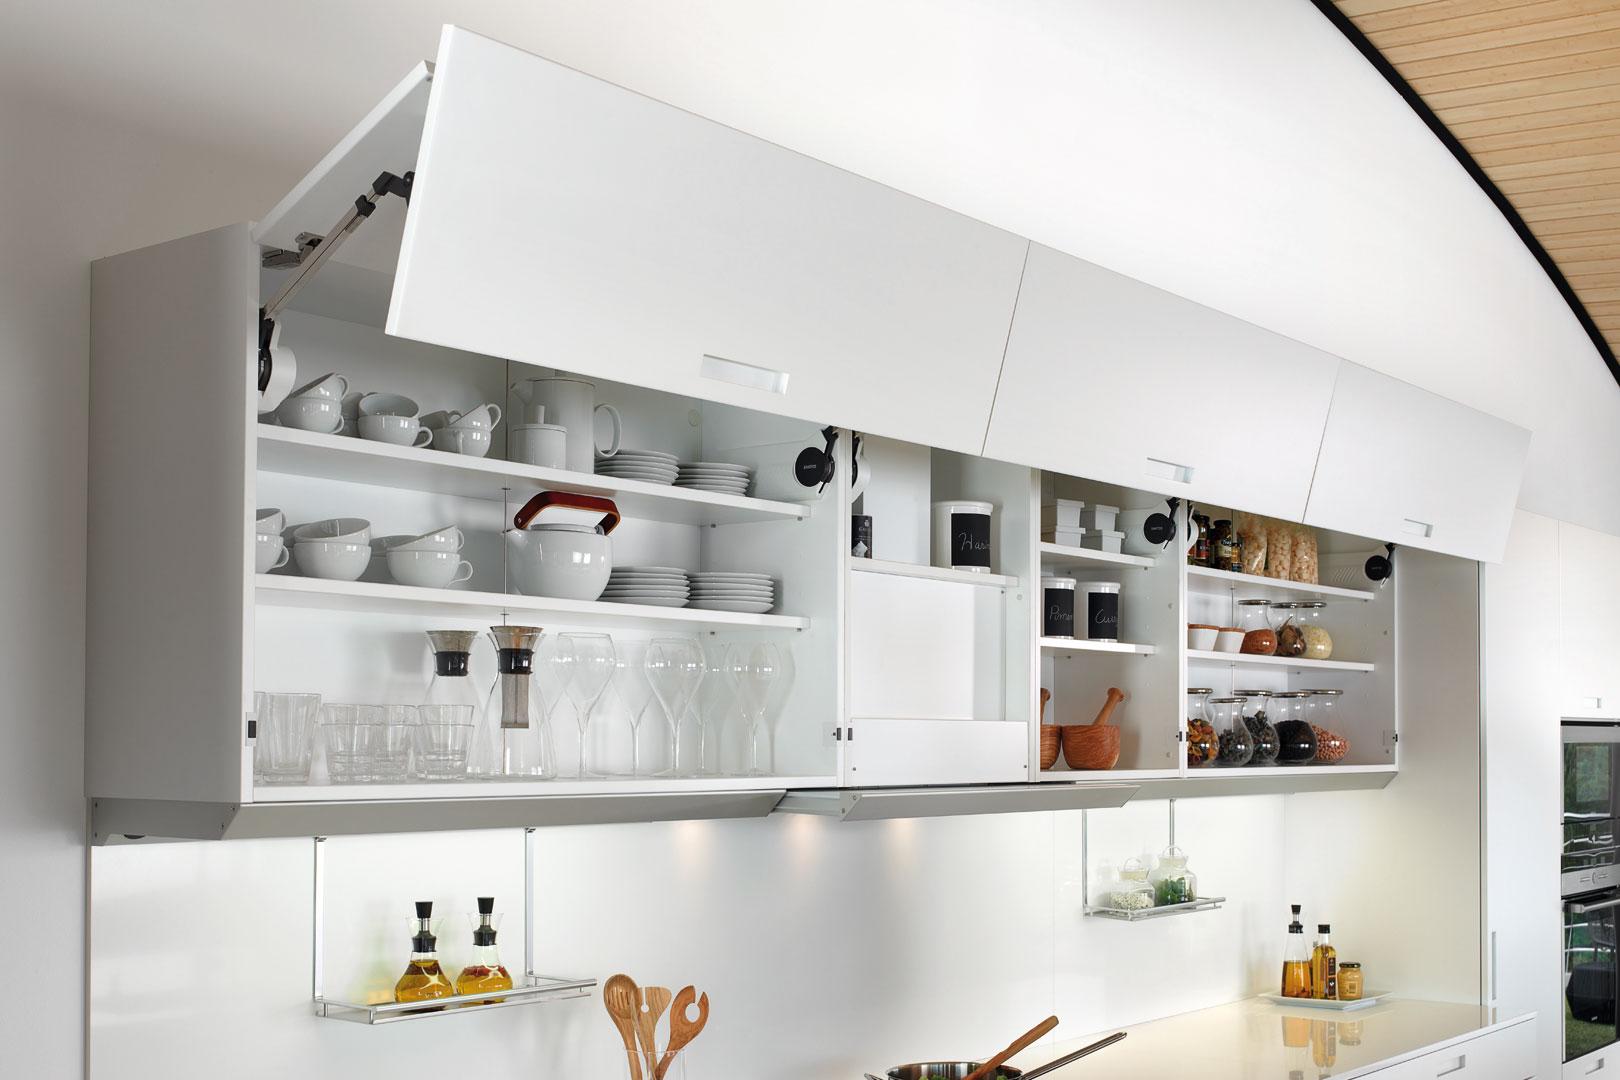 Muebles de cocina santiago de compostela amazing muebles - Muebles en santiago de compostela ...